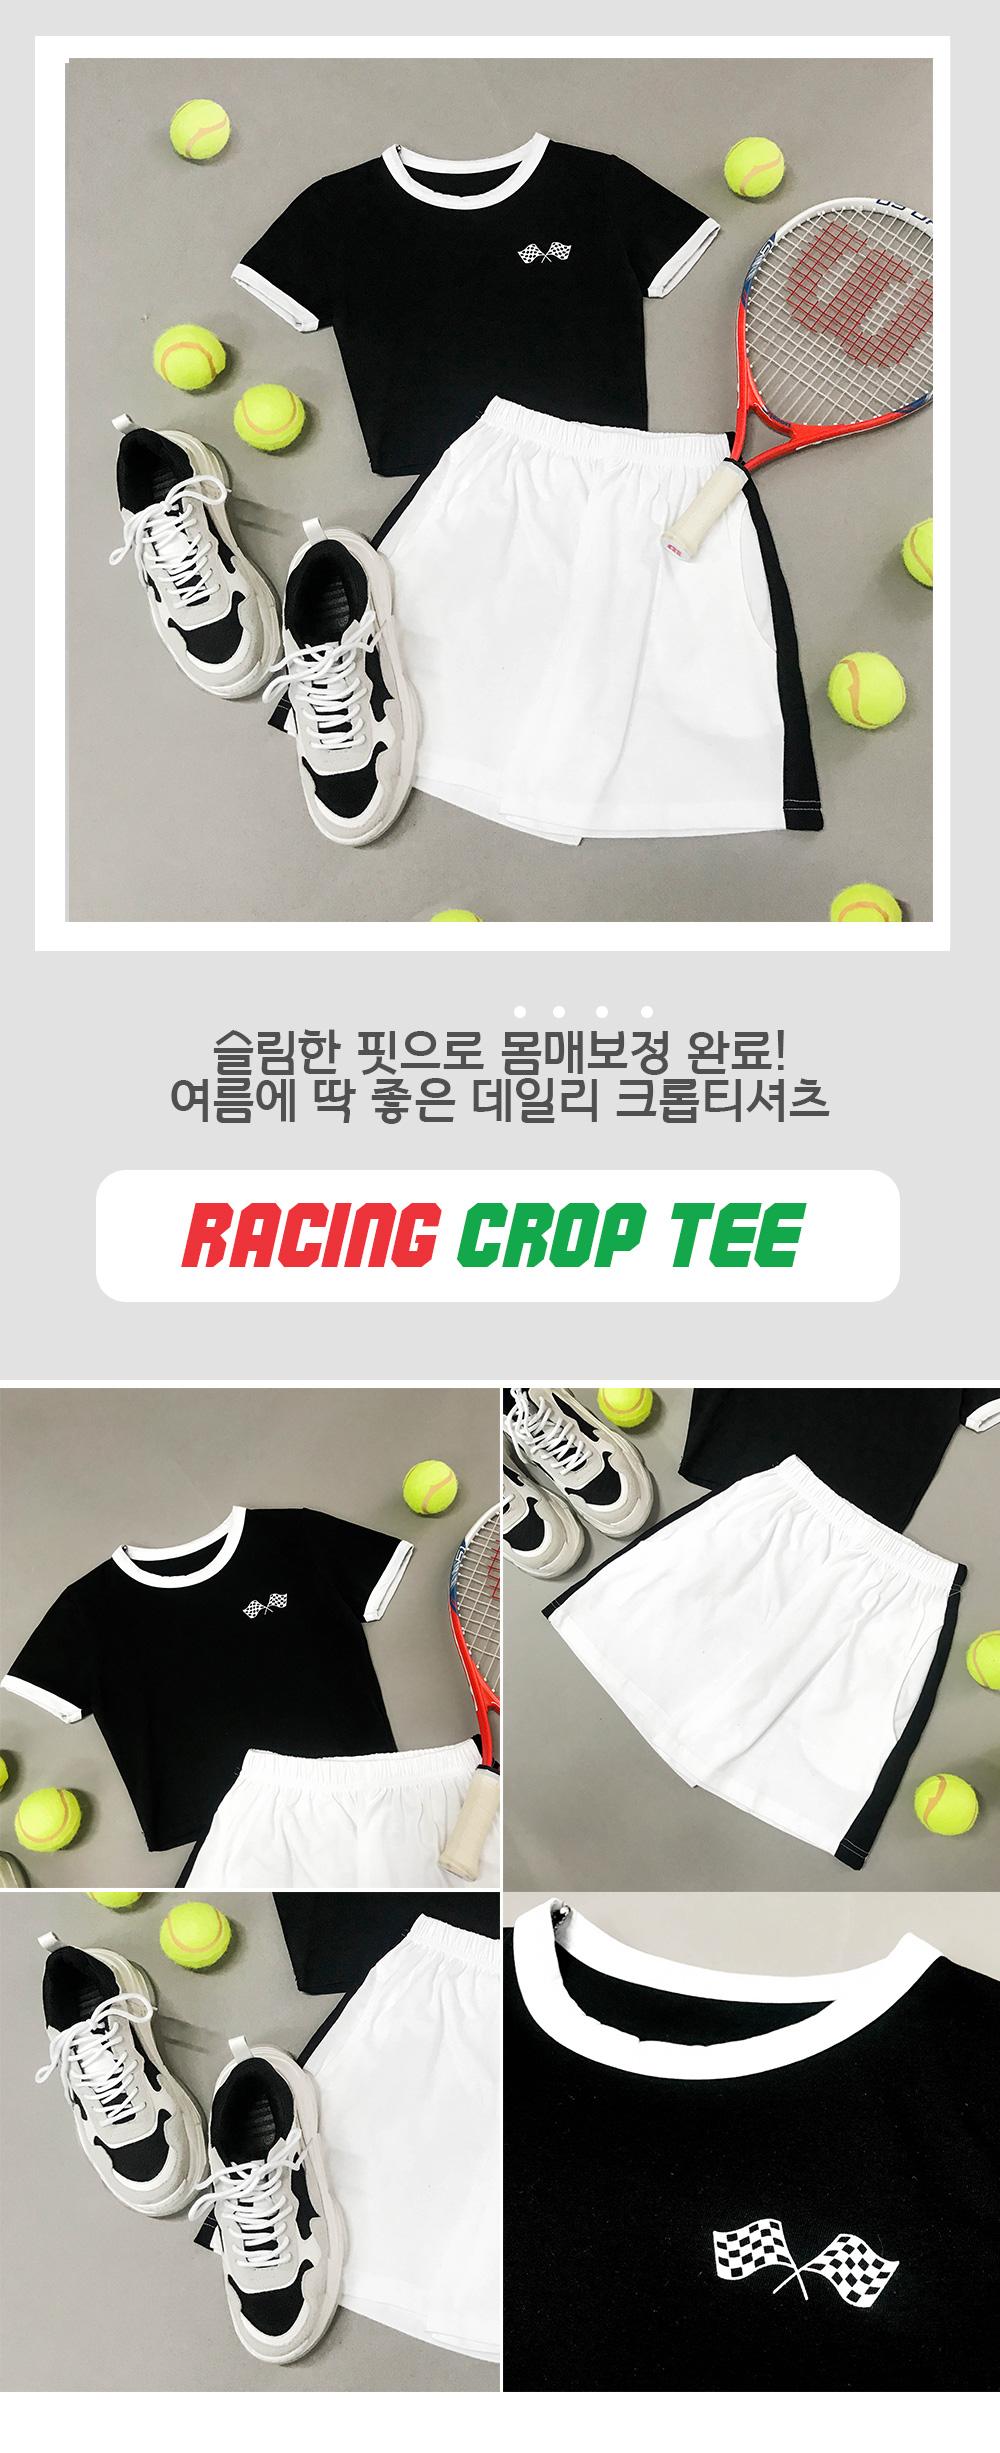 Racing Crop short sleeve tee